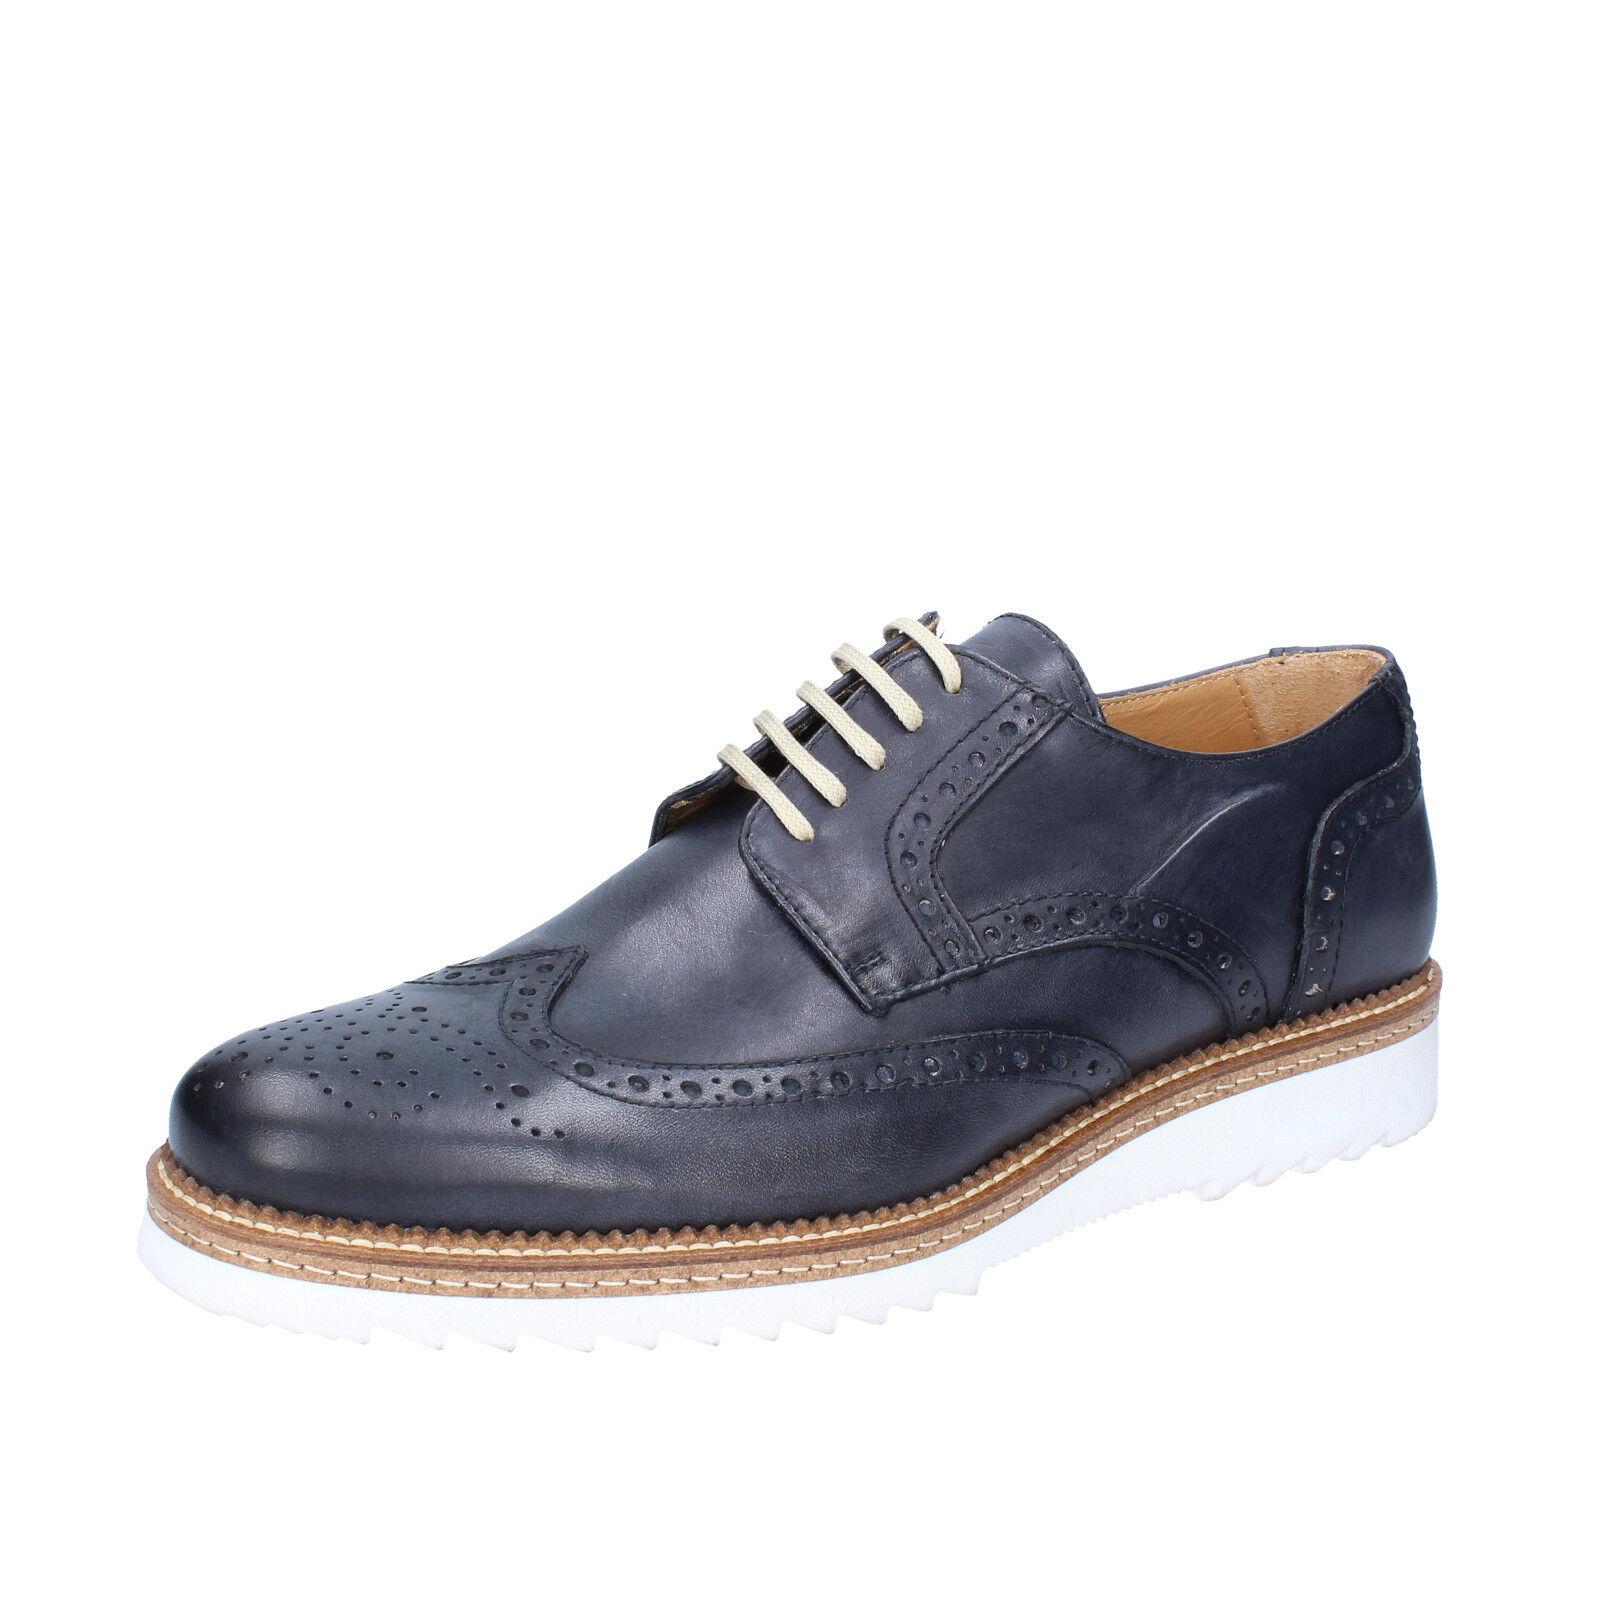 Mens chaussures FDF chaussures 9 (UE 43) élégante bleu Leather bz763-b